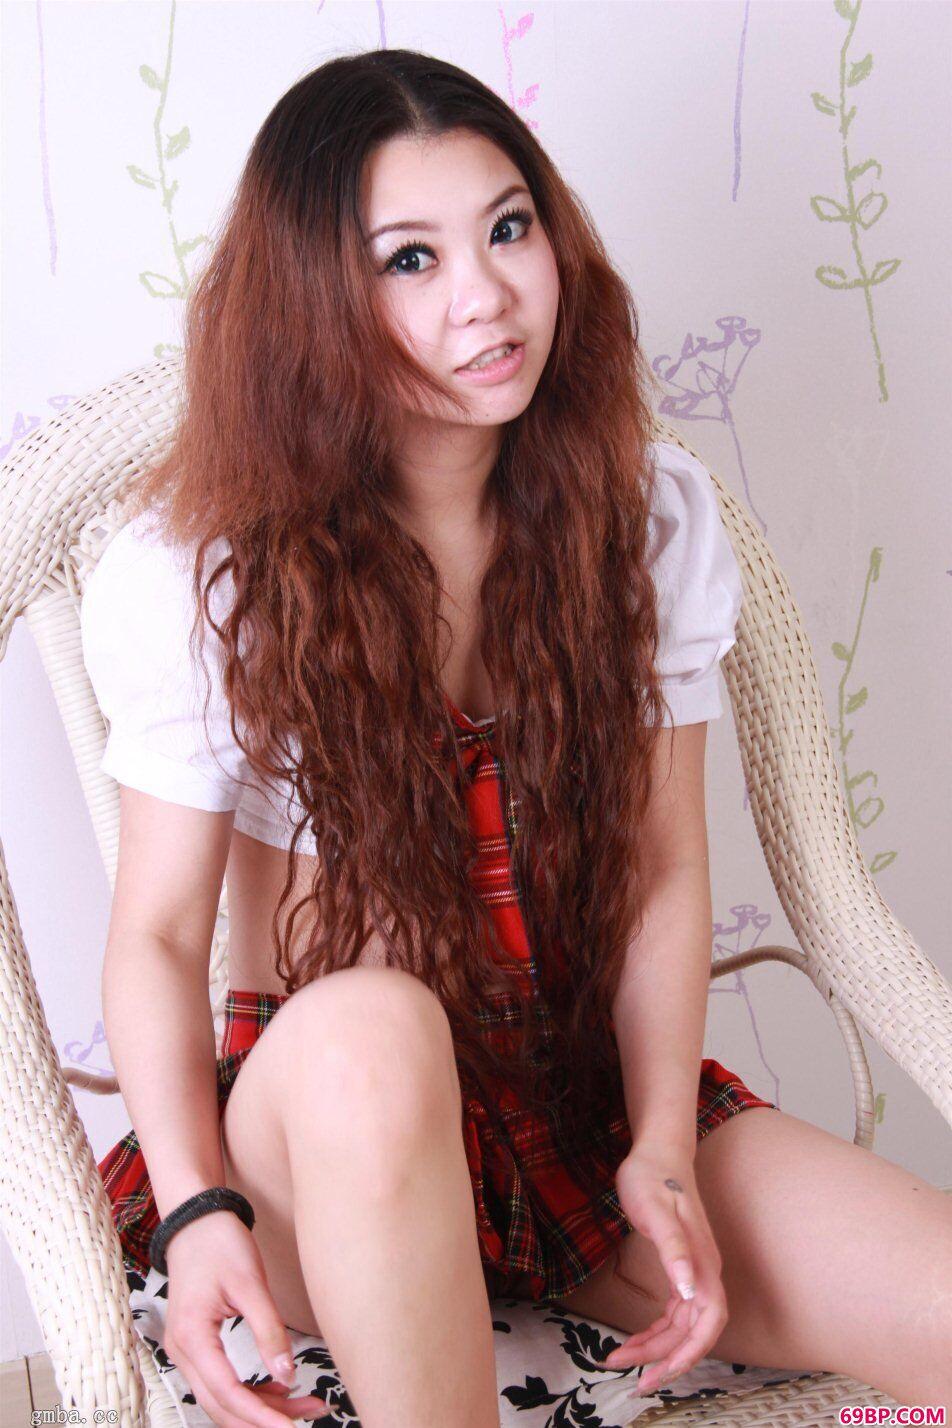 长头发超模四眼学生妹雅雅约拍装裙下风采人体照,gogo人体大胆艺术视频